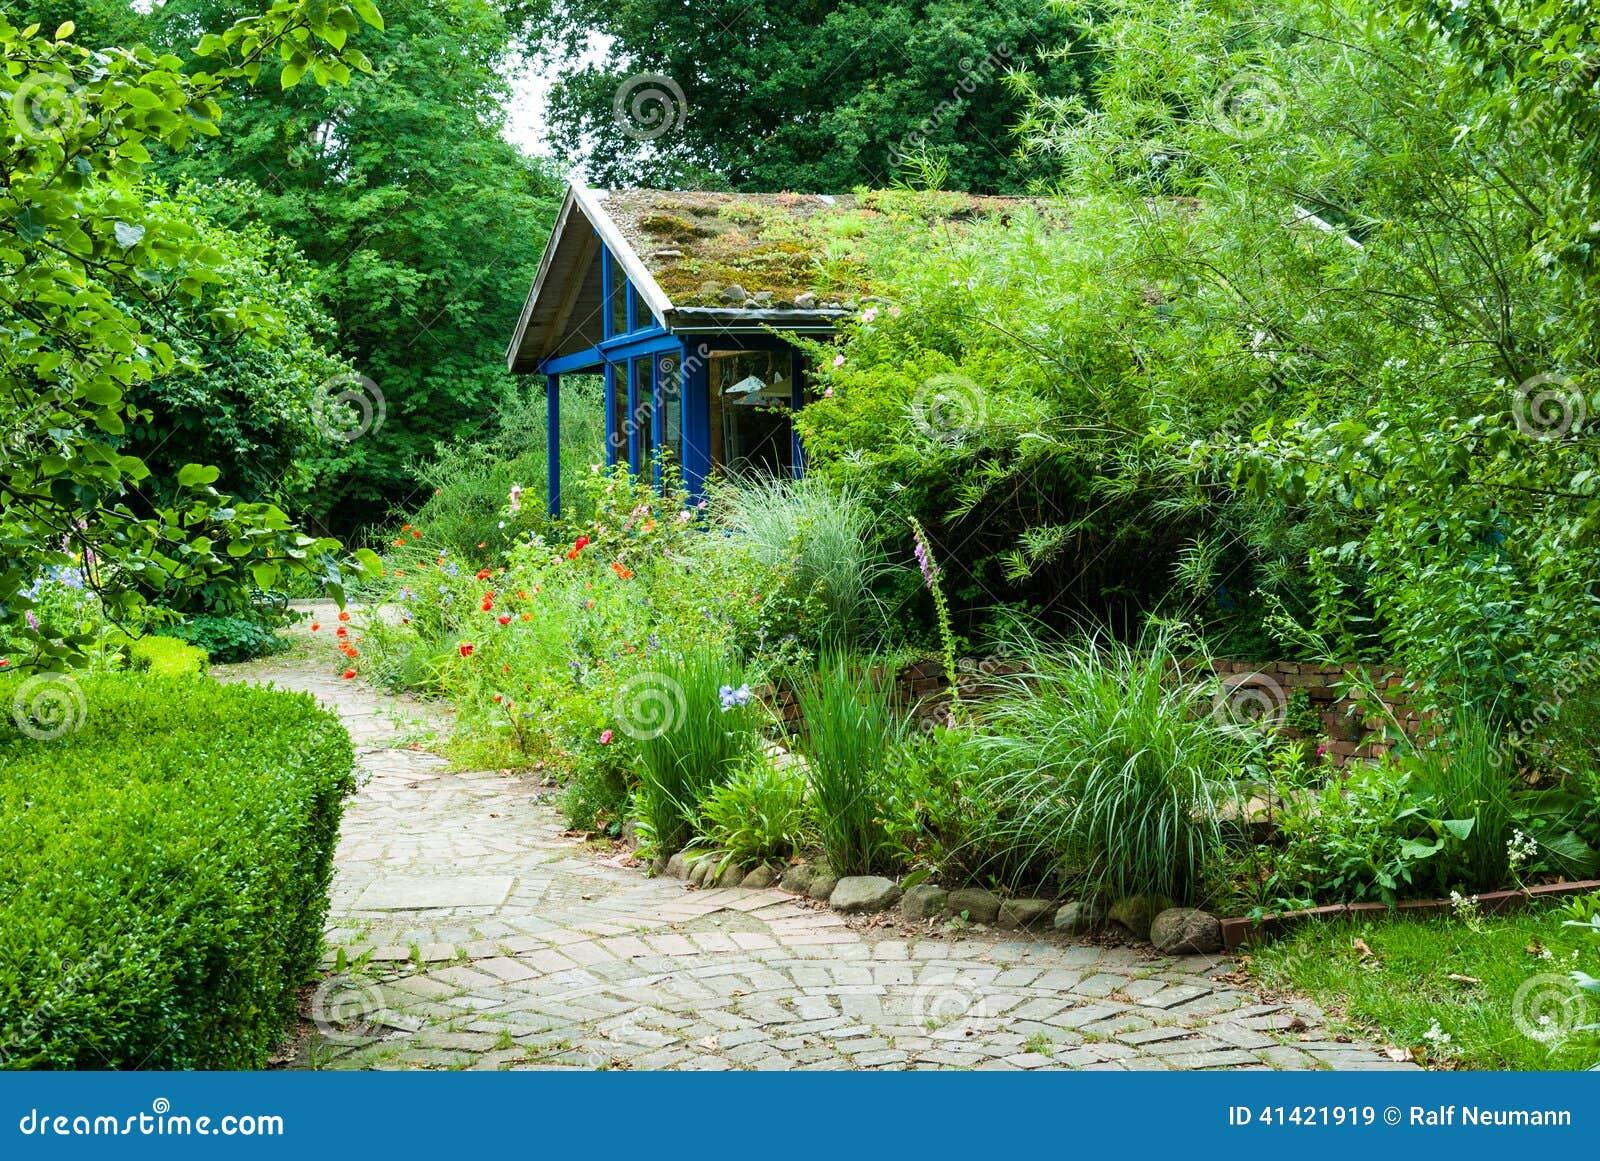 Chemin et cottage dans le jardin naturel image stock for Le jardin naturel lespinasse